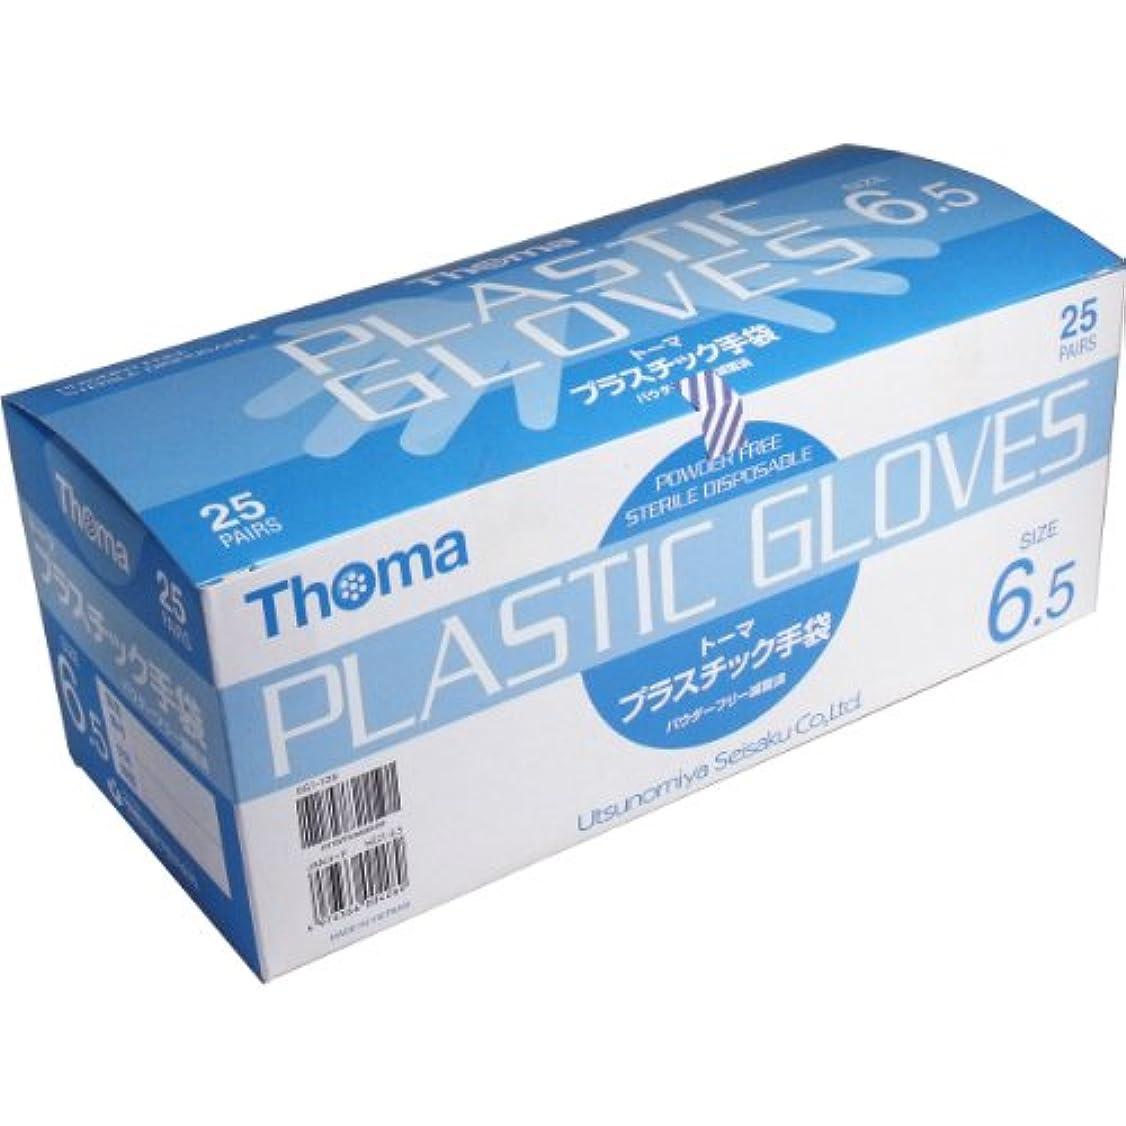 真空ブリーフケース濃度トーマ プラスチック手袋 パウダーフリー 滅菌済 サイズ6.5 25双入